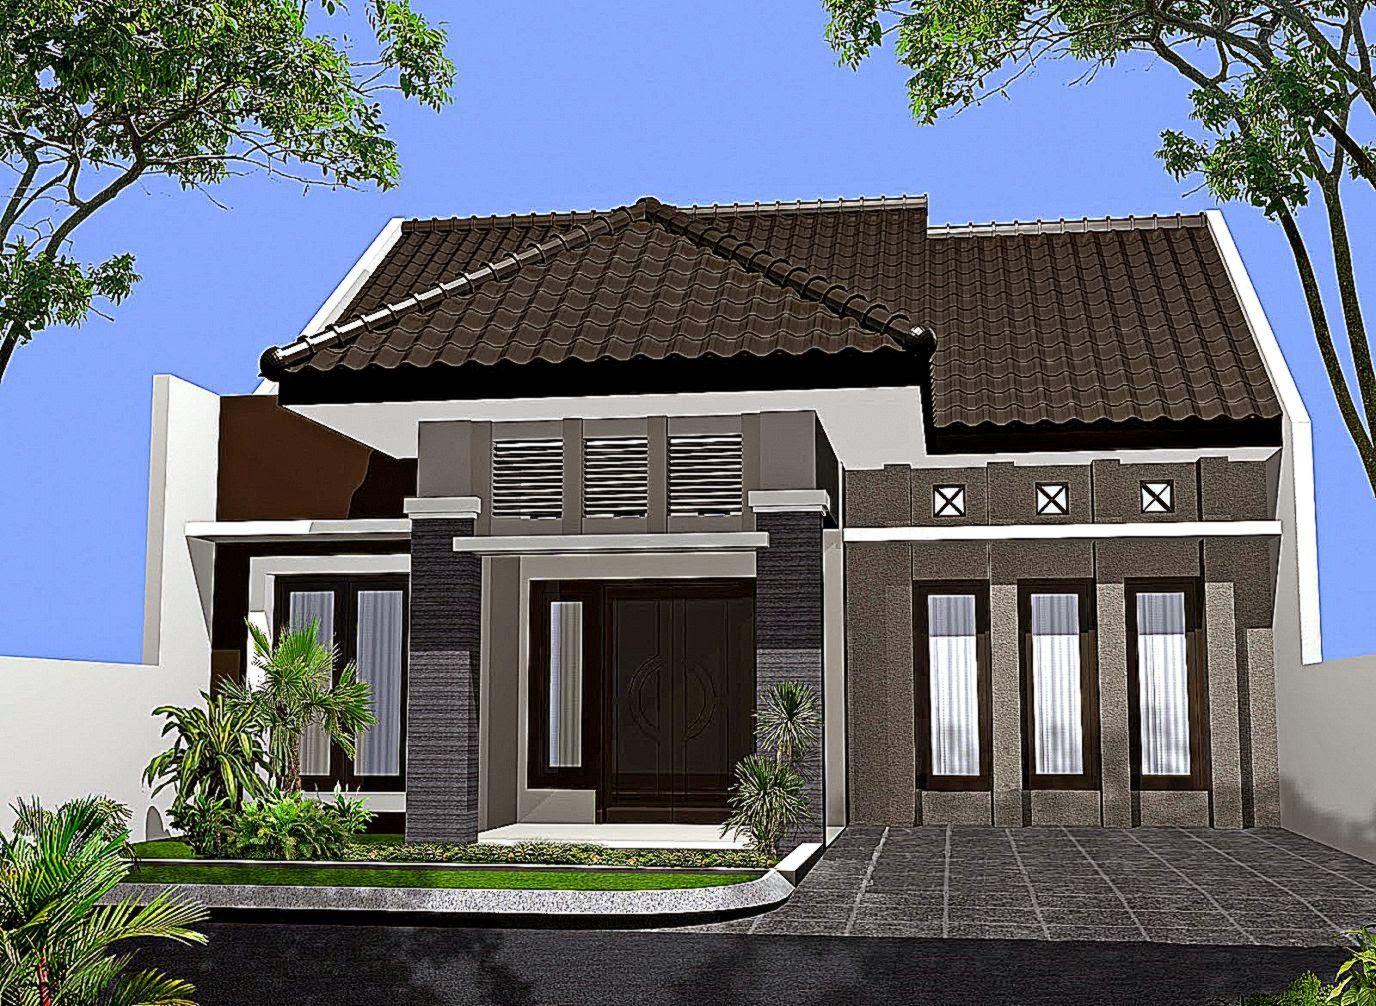 18 Ide Desain Rumah Desain Rumah Rumah Desain Rumah minimalis terbaik di dunia